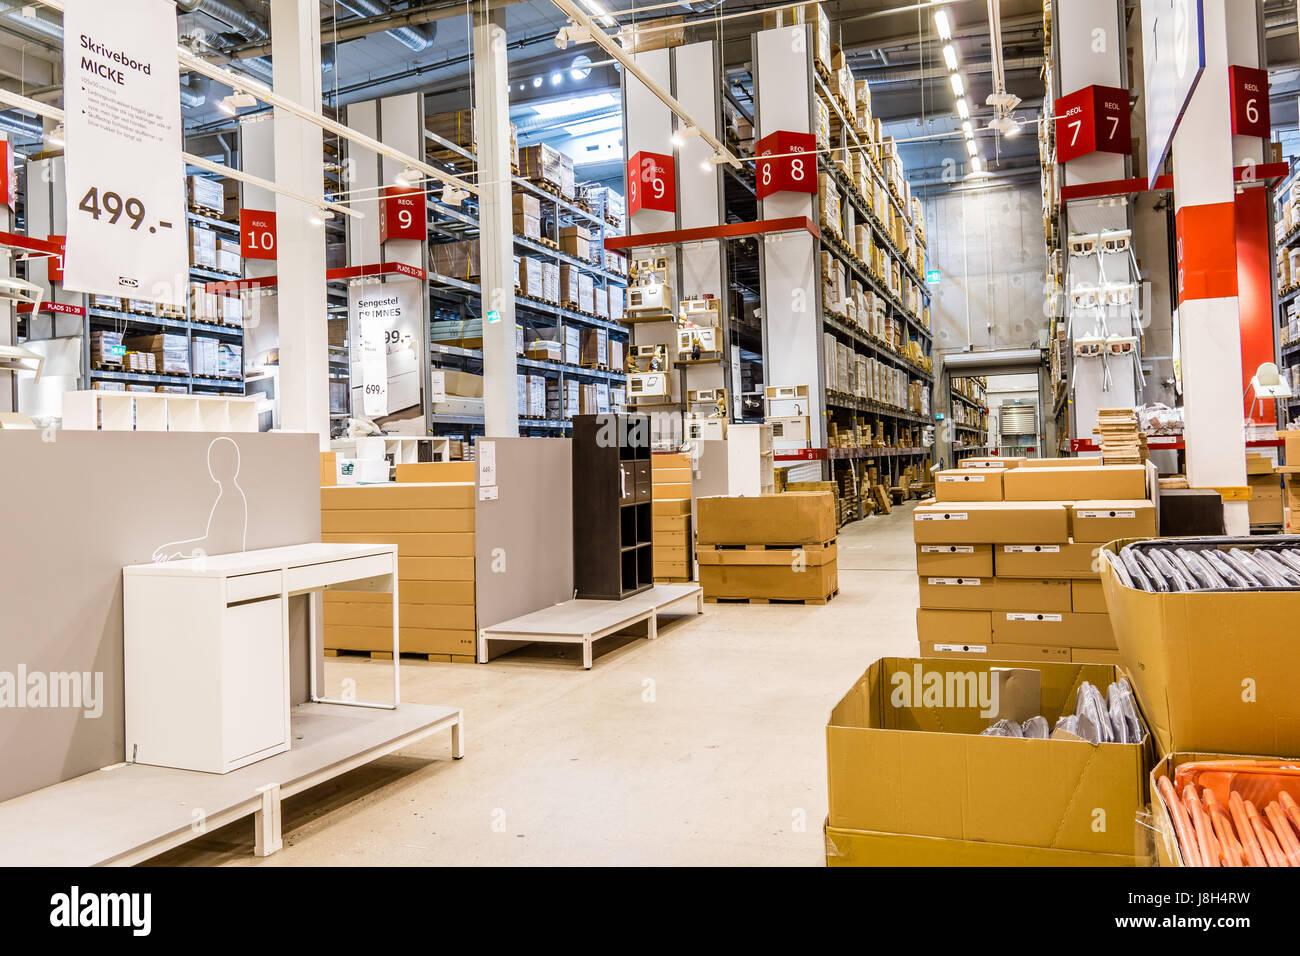 Ikea Abstellraum Für Mehr Als 9500 Produkte Bei Hoje Taastrup